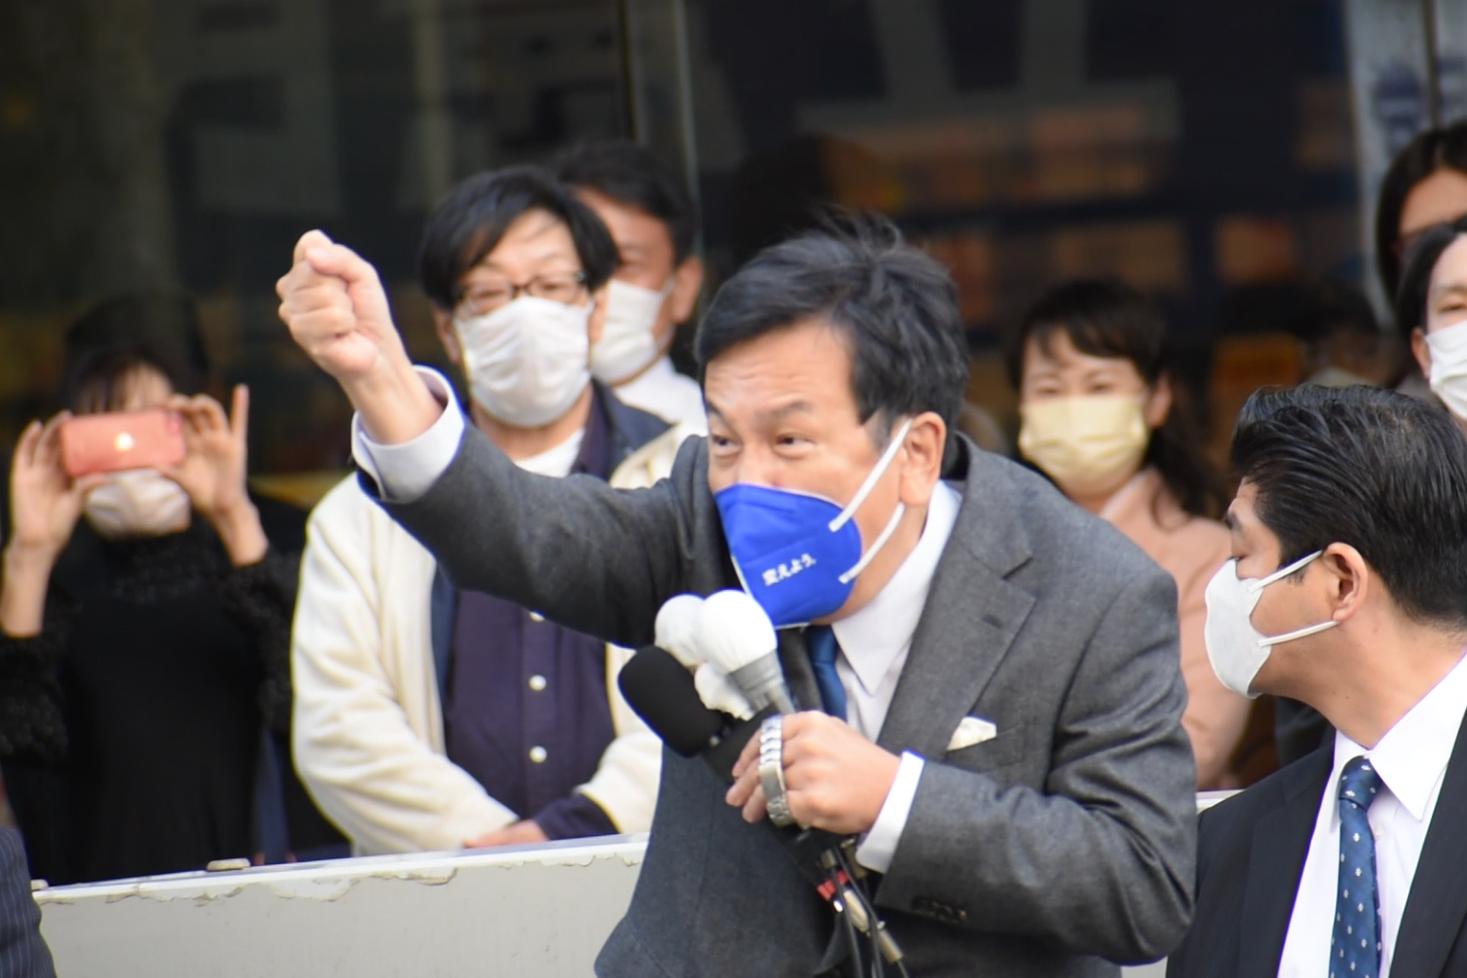 枝野代表が旭川&札幌にキターー(゚∀゚)ーー!!=立憲民主党・街頭演説が開かれる